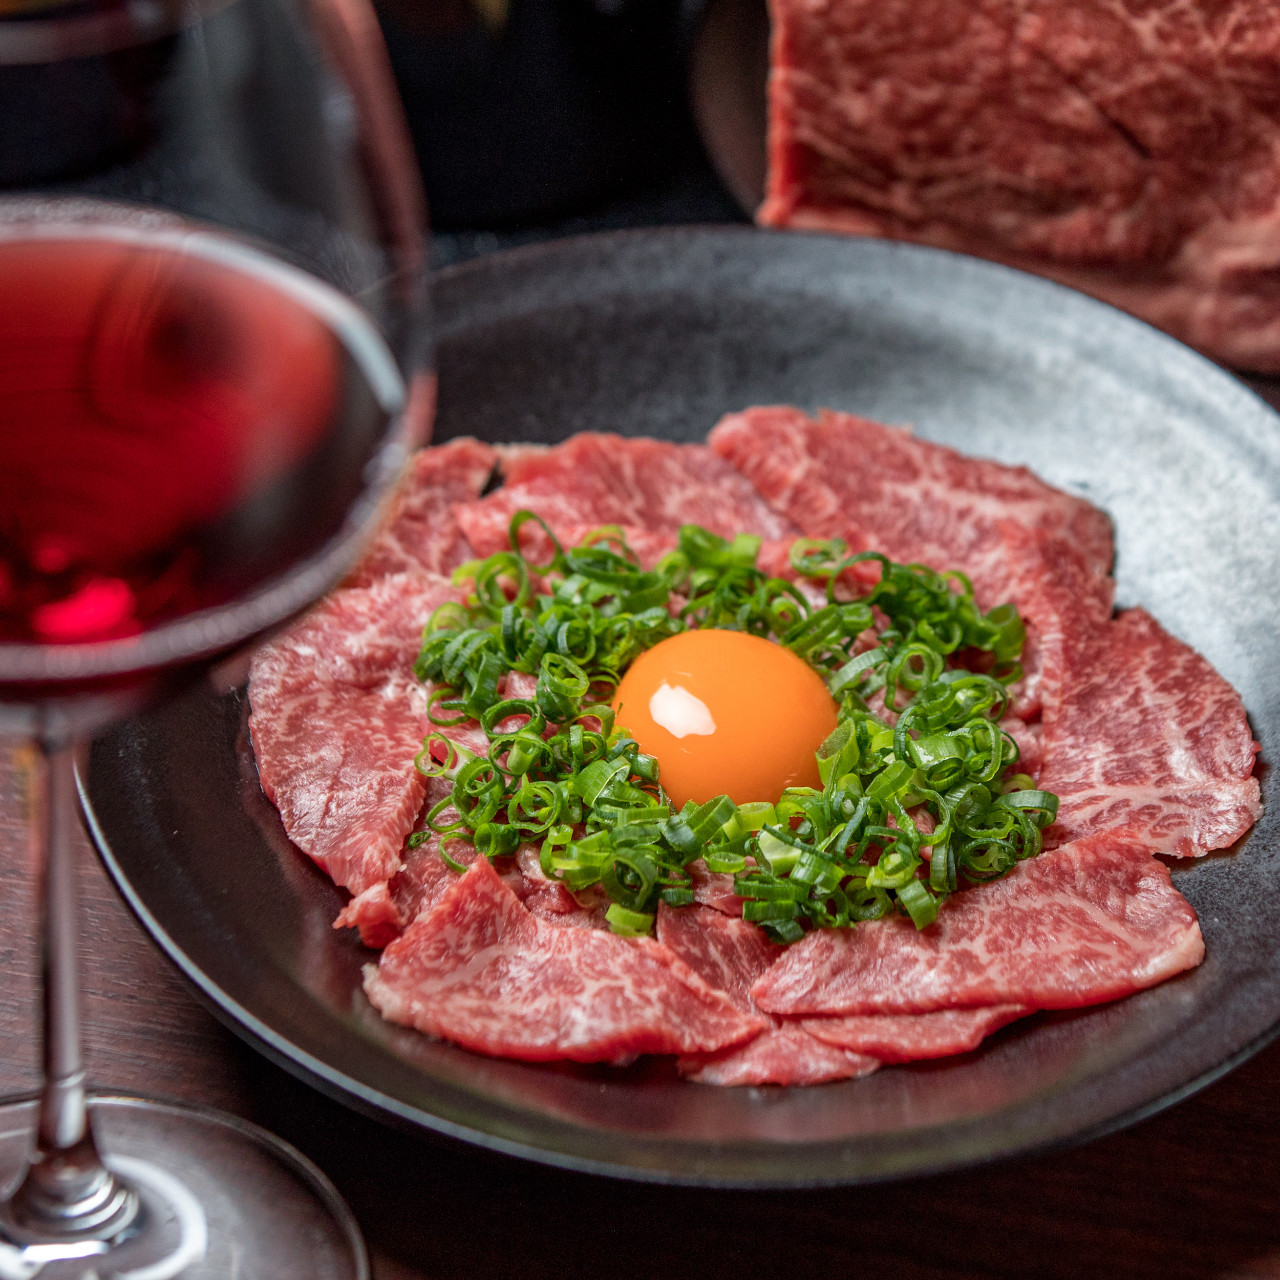 尾崎牛のカルパッチョ〜超レアタタキ〜は国産ワインとの相性抜群